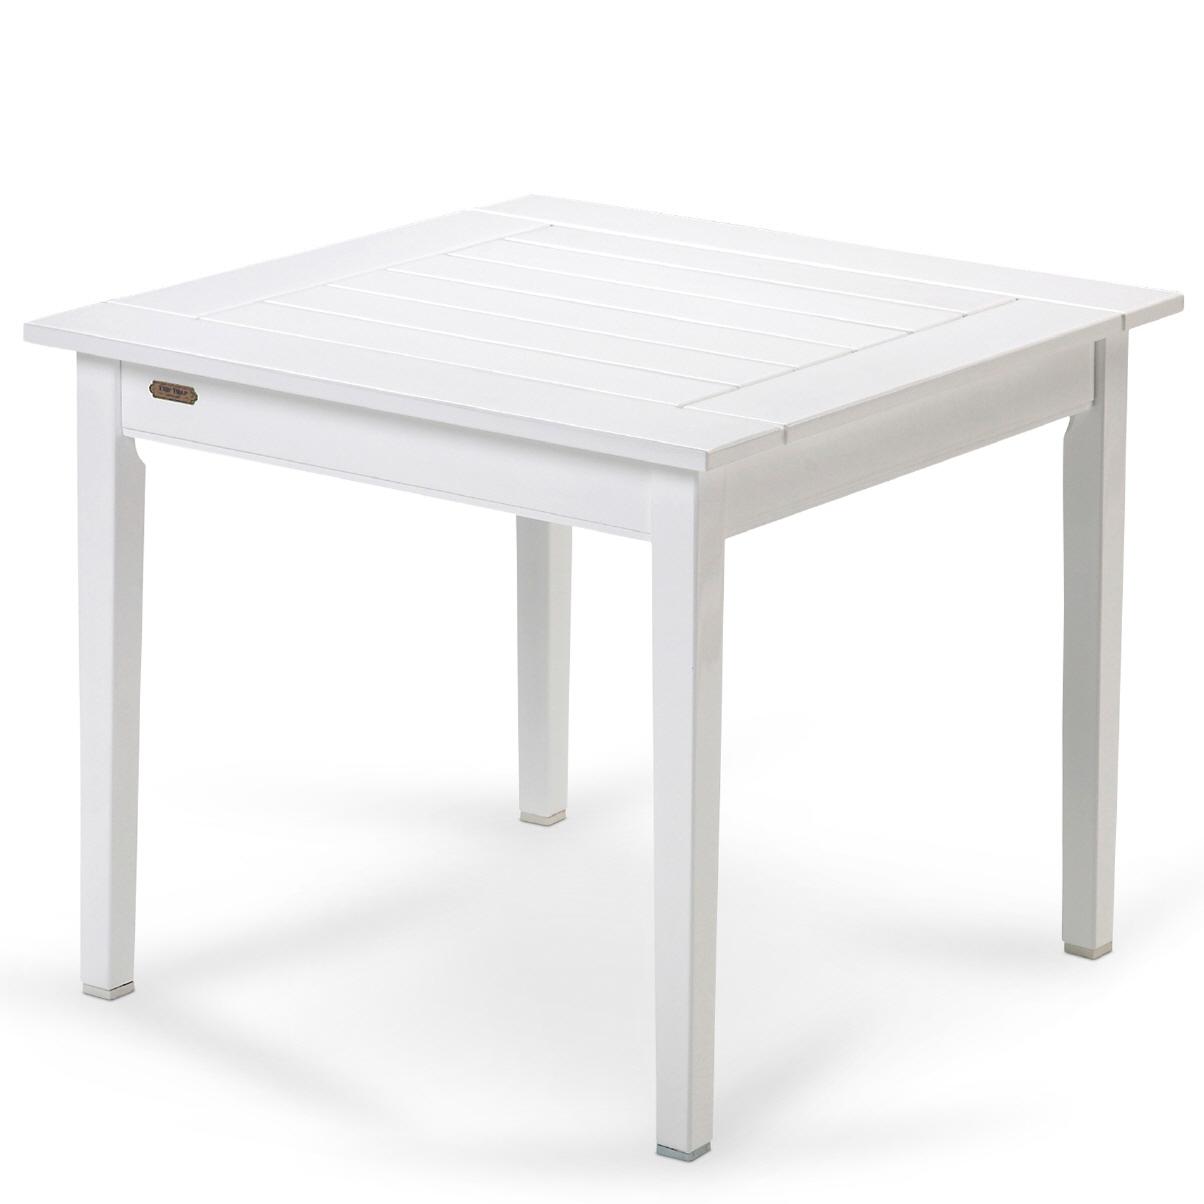 Ikea Möbel Lack Ausbessern Tolle Ikea Lack Couchtisch Masse